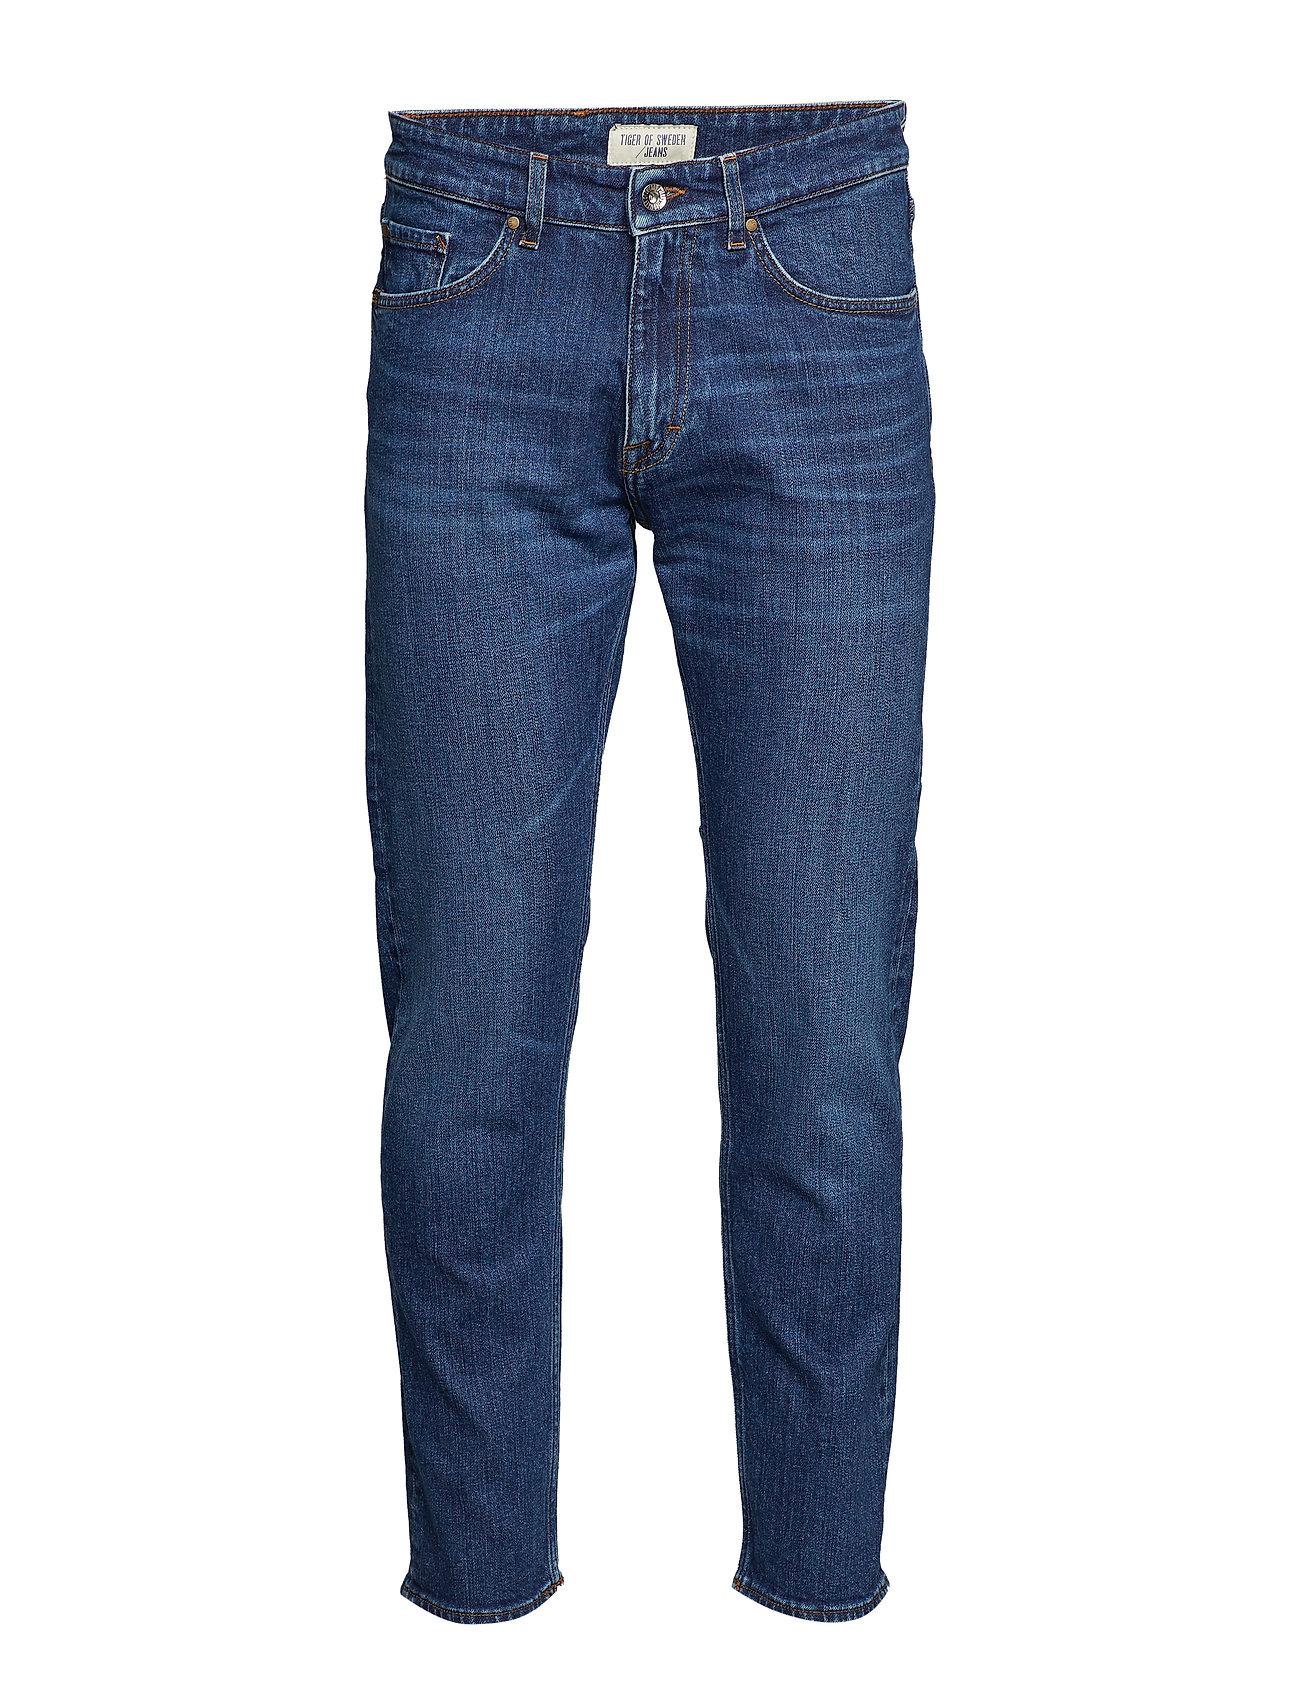 Tiger of Sweden Jeans REX - MEDIUM BLUE